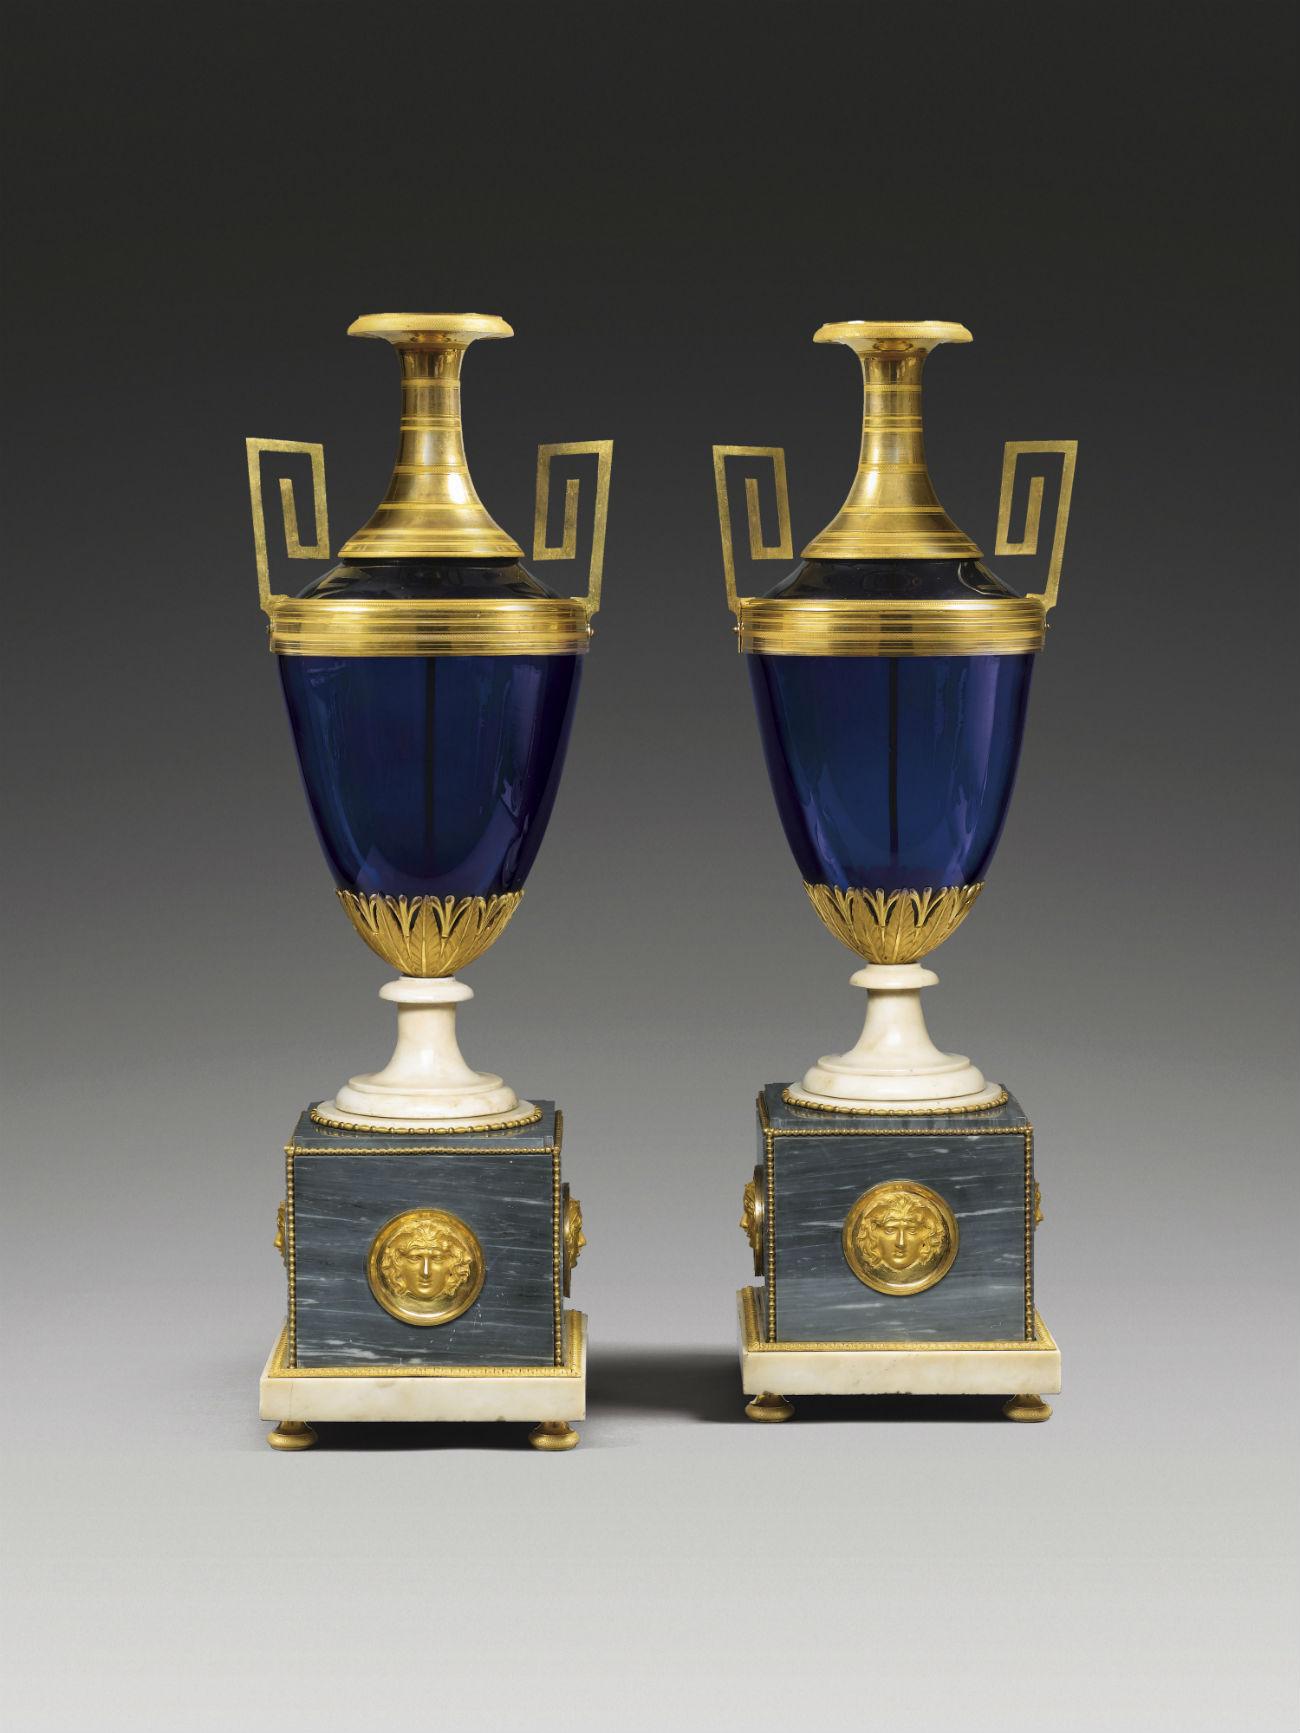 Deux vases en verre bleu, garnis d'éléments plaqués or et montés sur pied de marbre. Crédit : Galerie Perrin